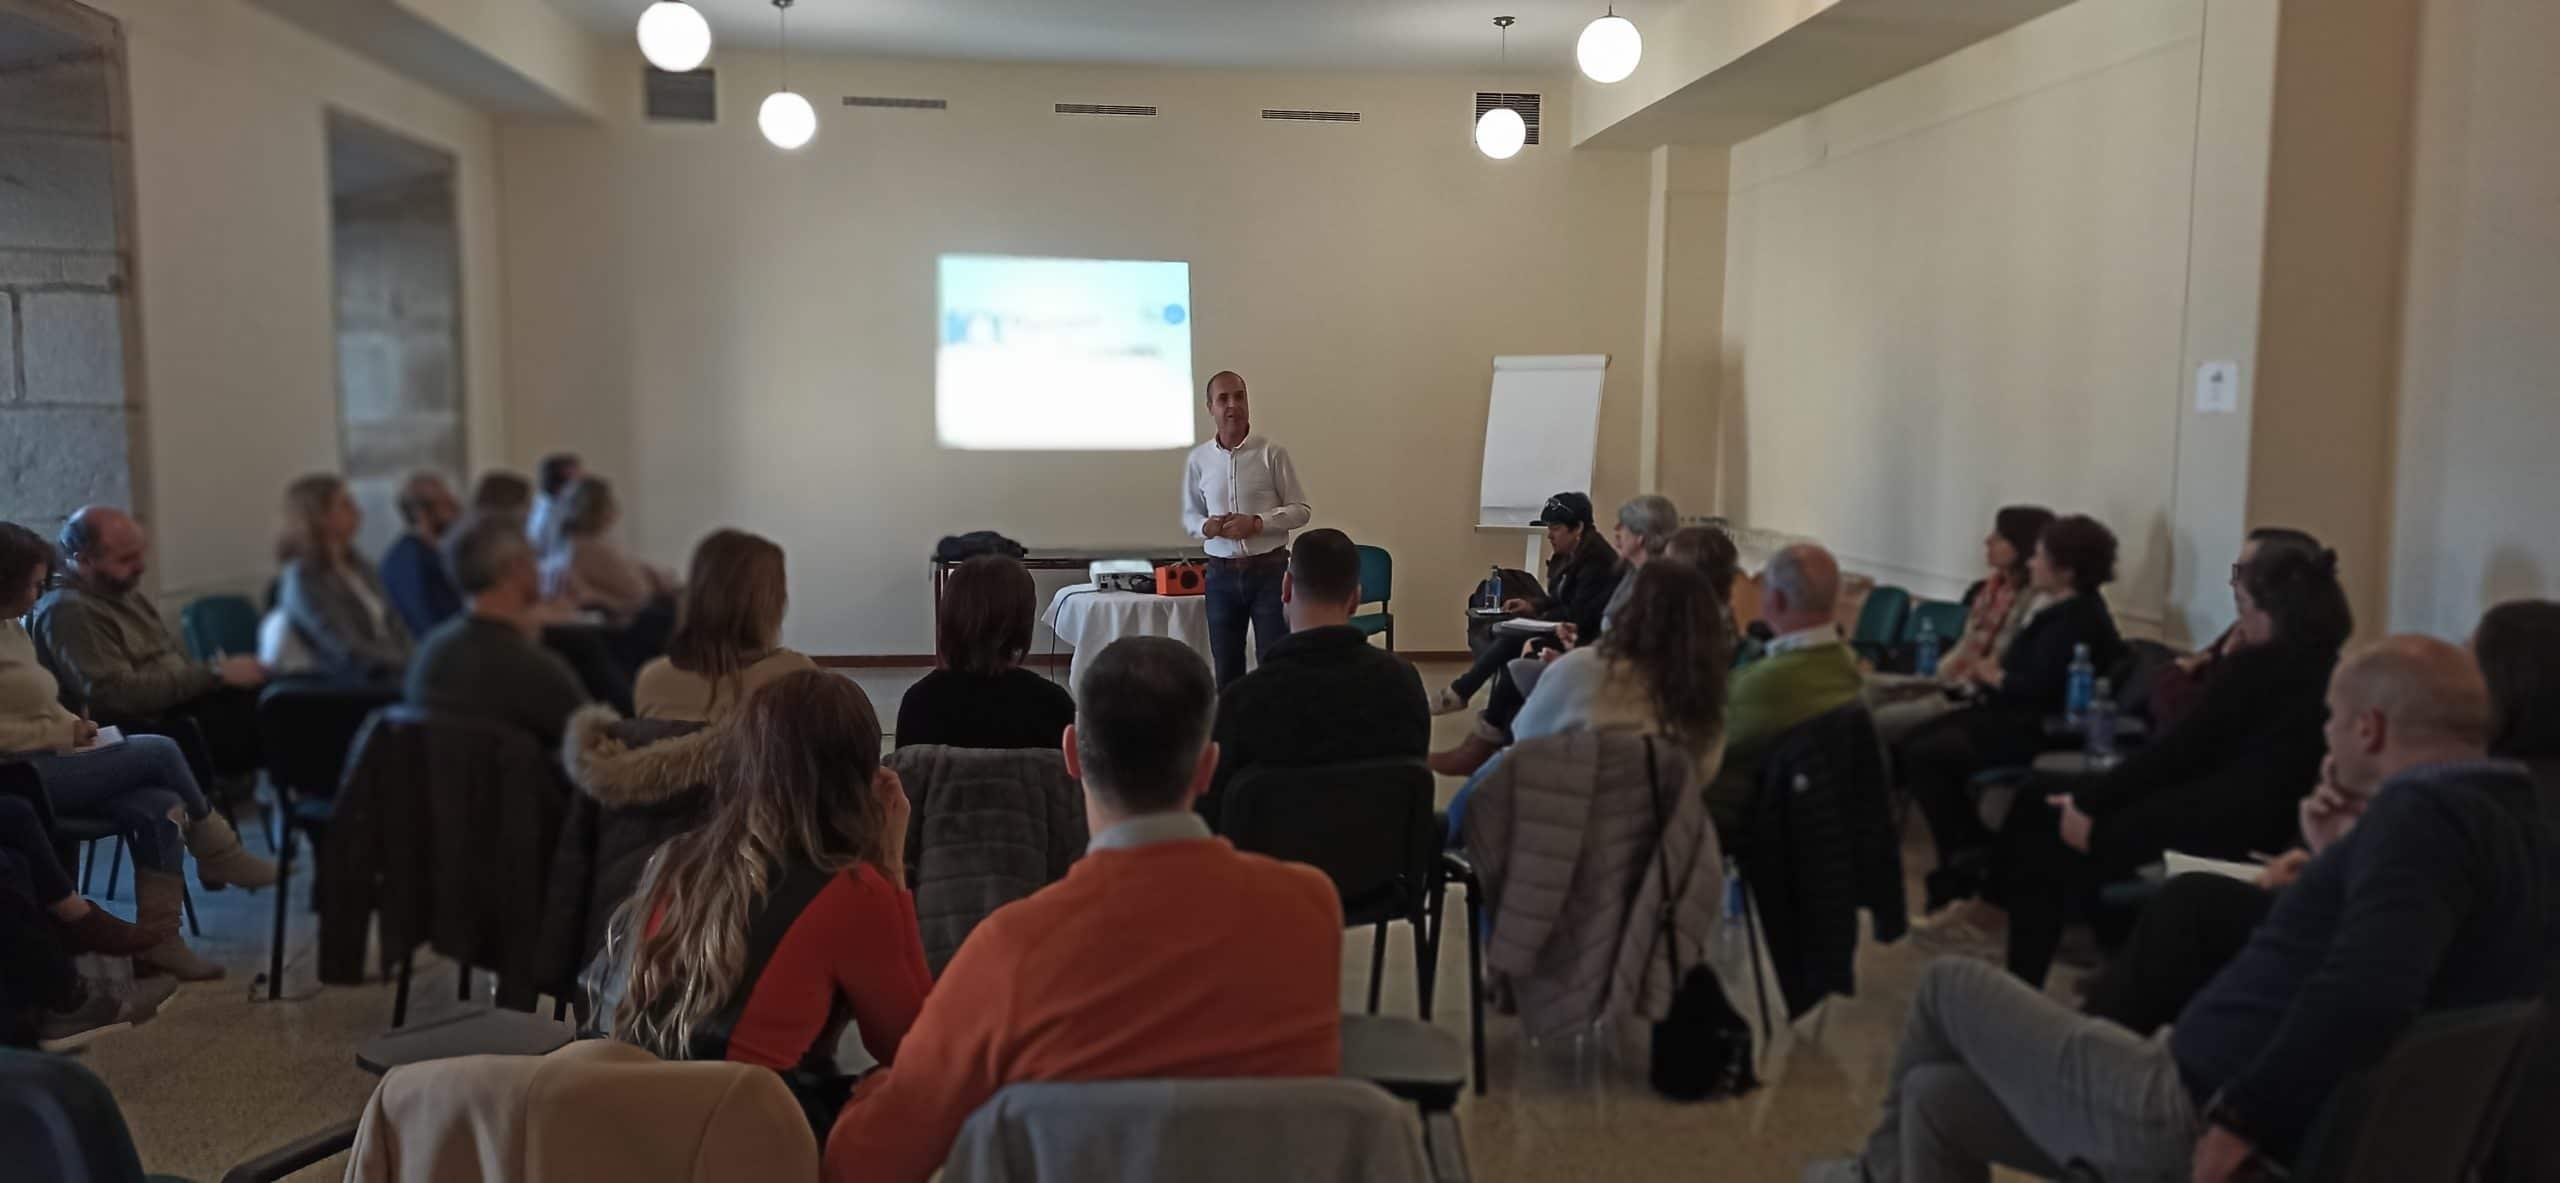 Daniel Álvarez Lamas impartiendo clase de certificación de coaching